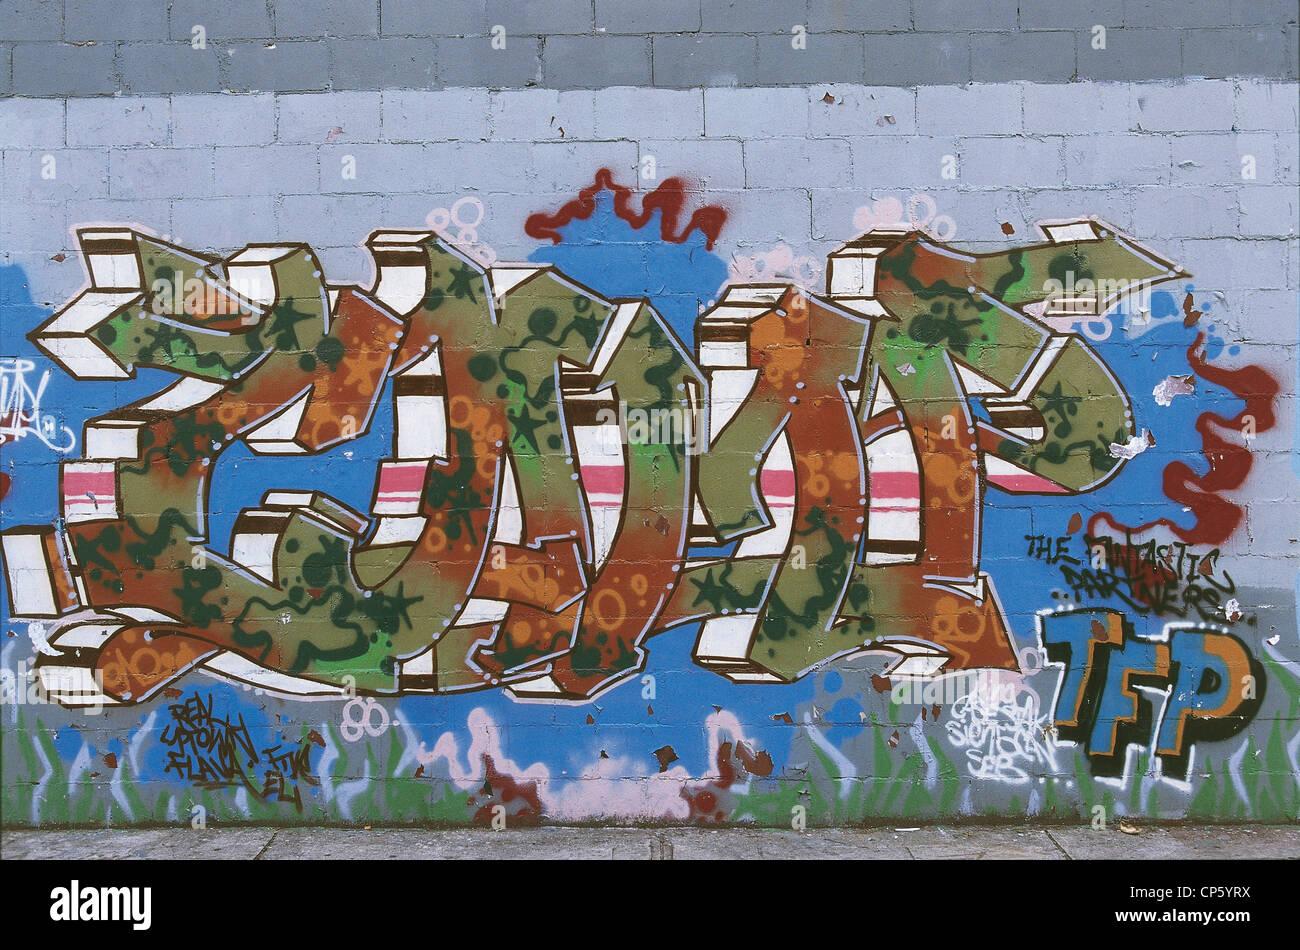 United States of America - New York-Bronx, murals. - Stock Image